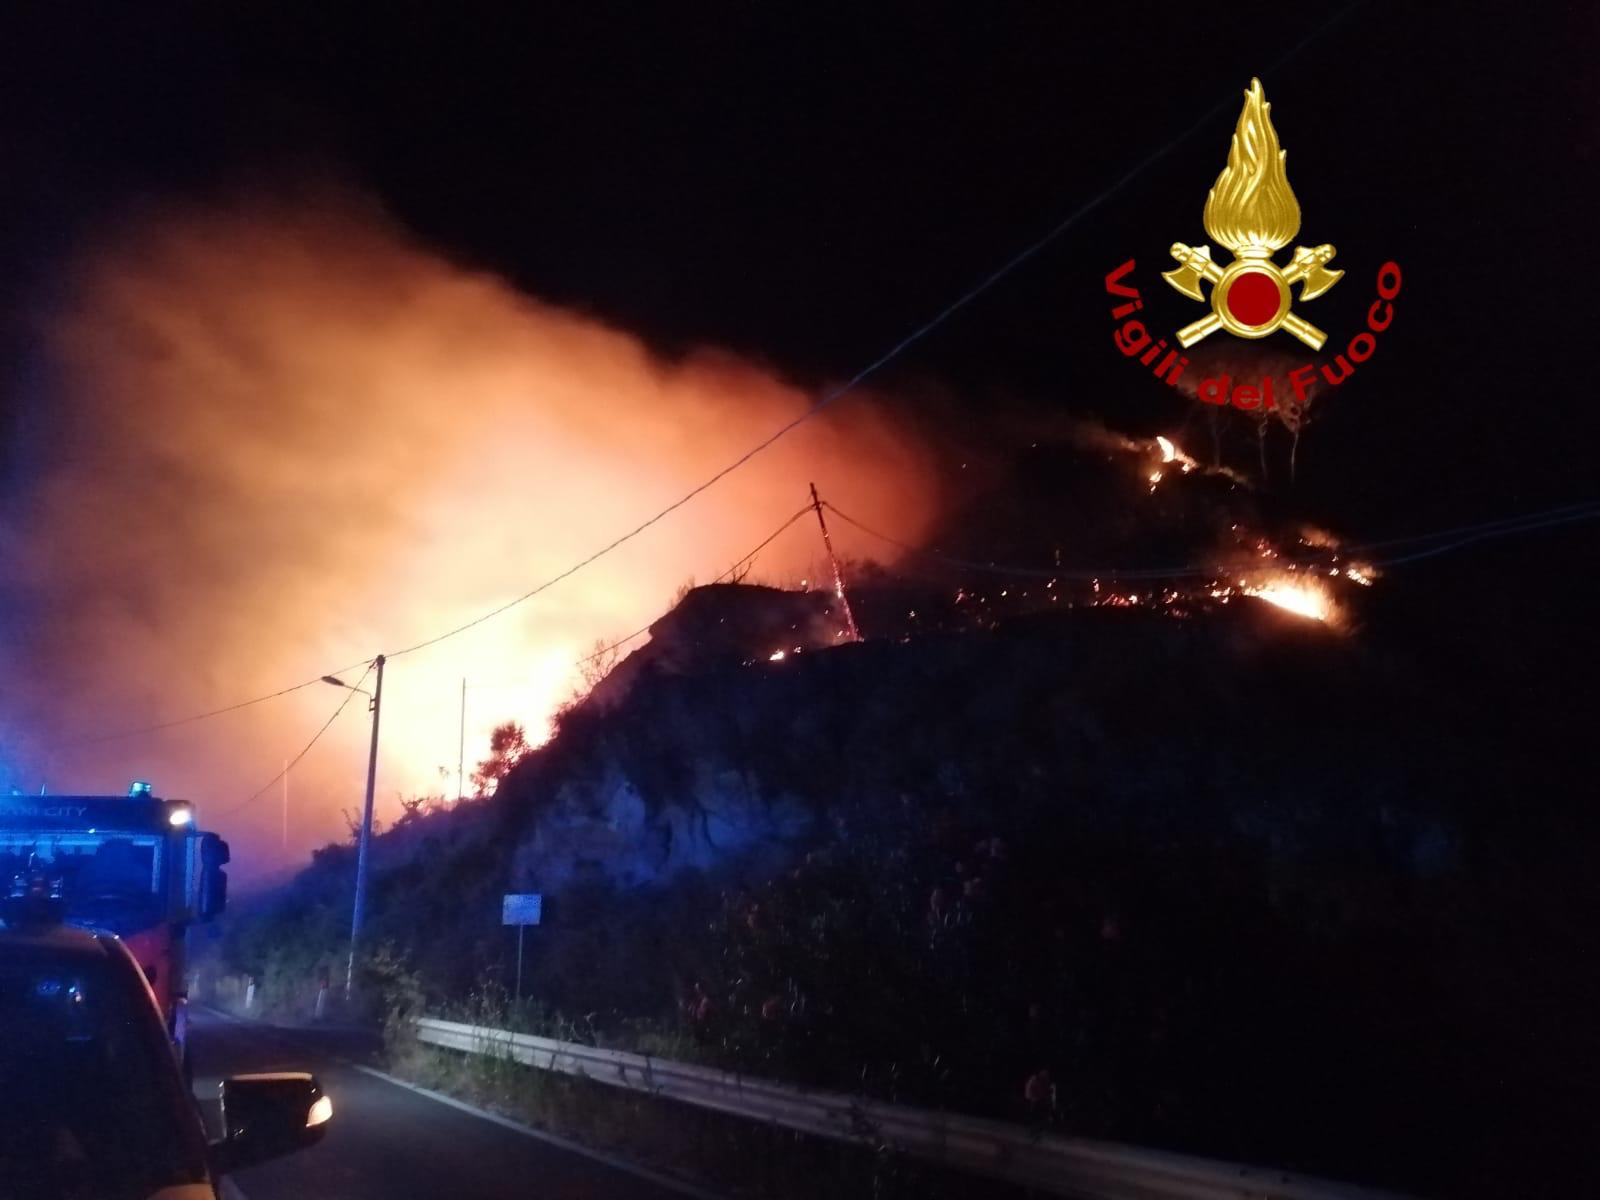 incendi messina nella notte tra il 29 e il 30 agosto